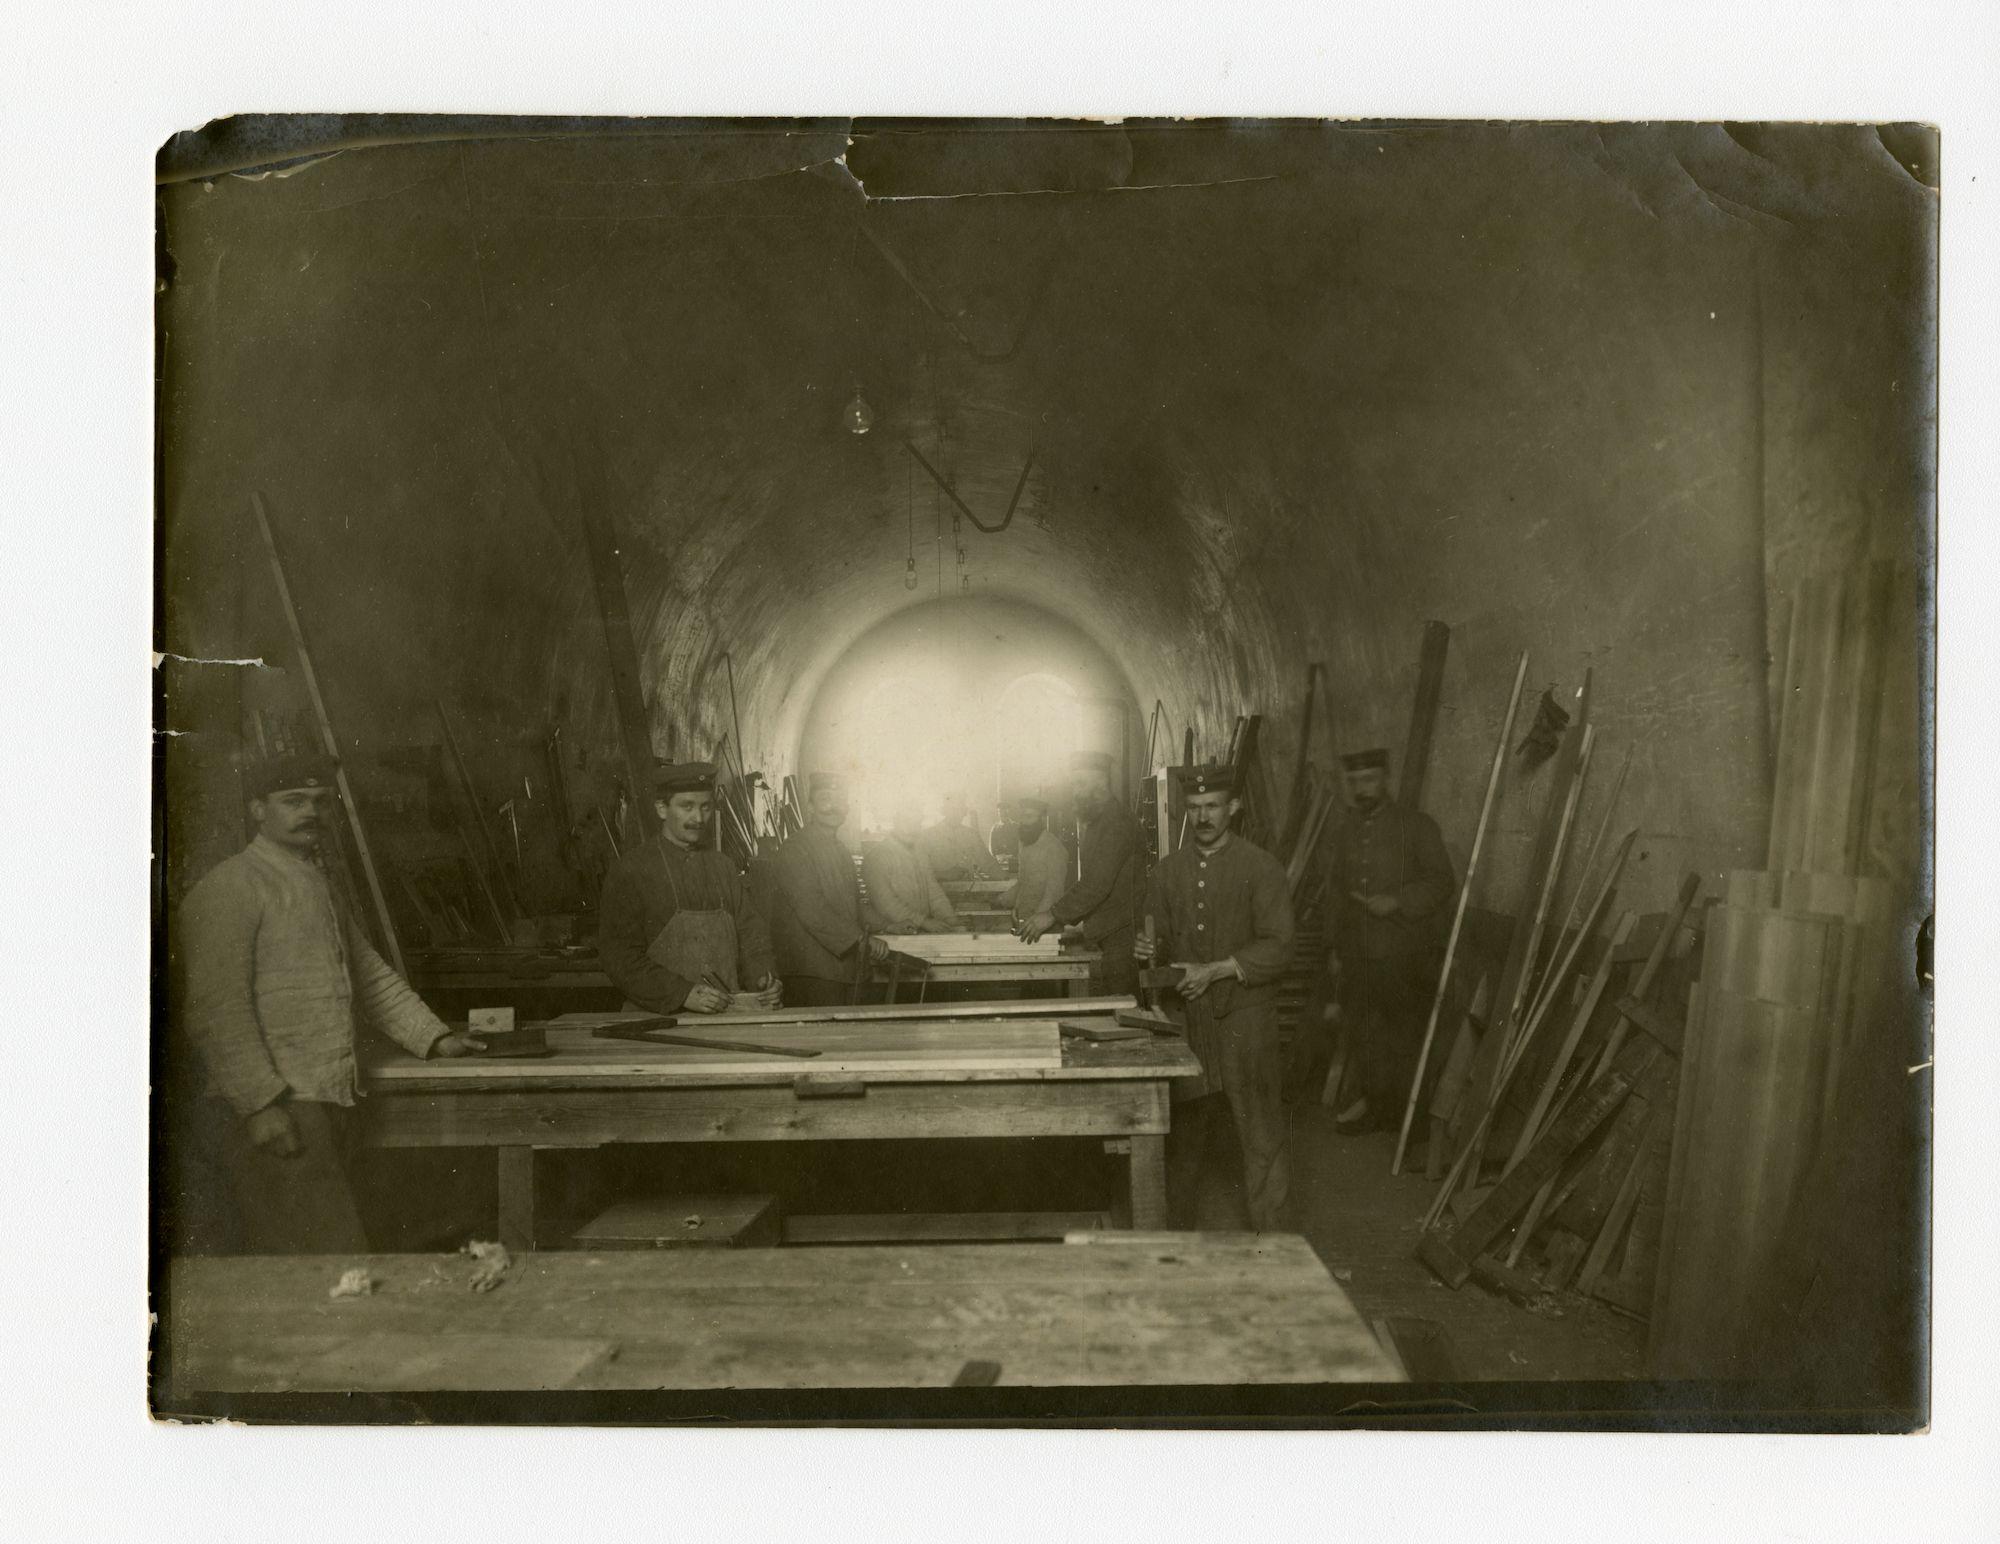 Gent: Citadelpark: kazematten: schrijnwerkersatelier van de Genesungsabteilung (revalidatieafdeling), 1915-1916